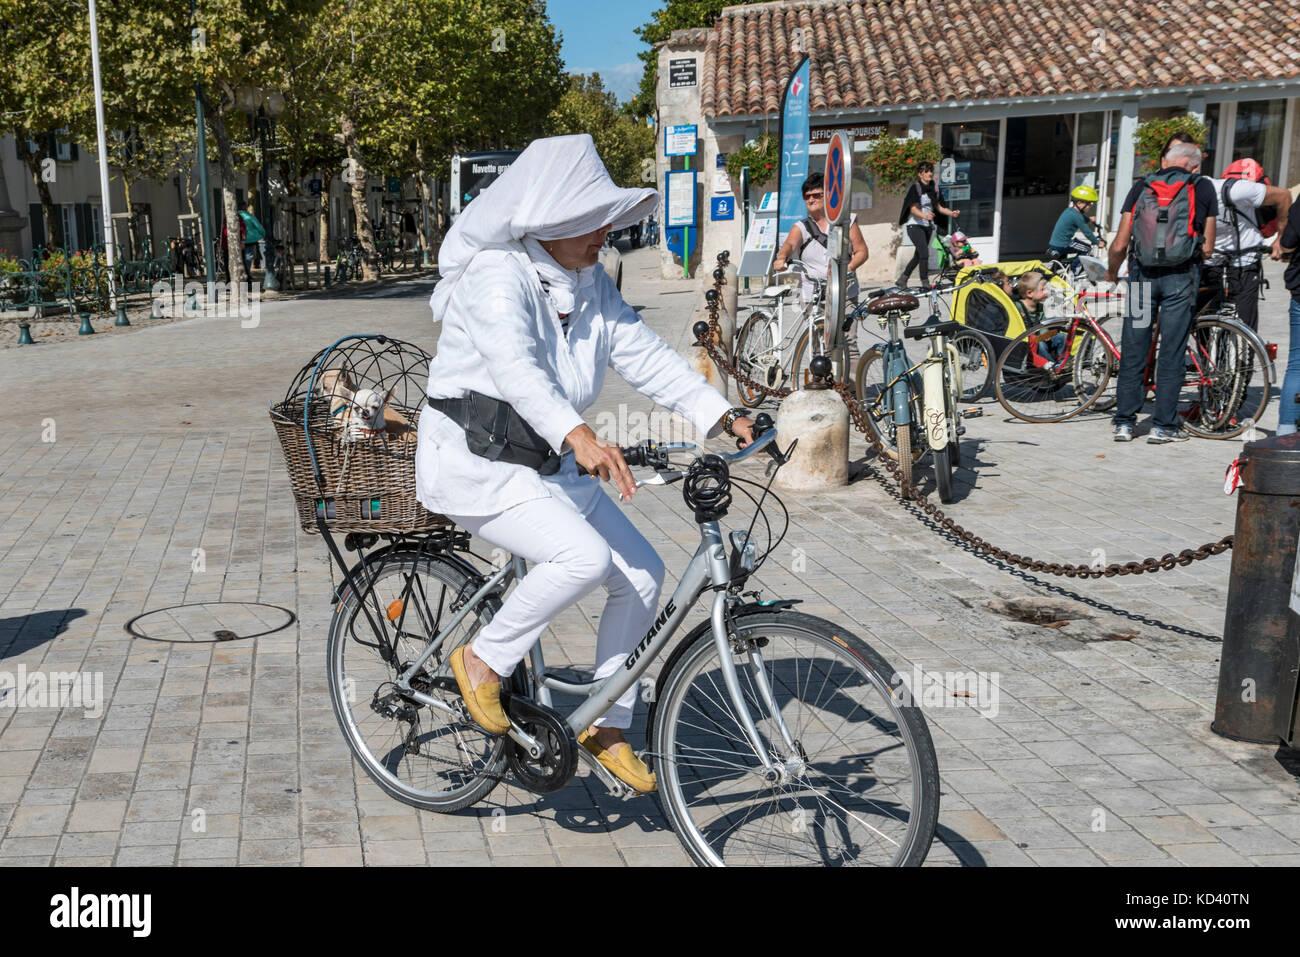 Dame auf dem Fahrrad in La Couarde-sur-Mer, Ile de Re, Nouvelle - Aquitaine, Französisch westcoast, Frankreich, Stockbild